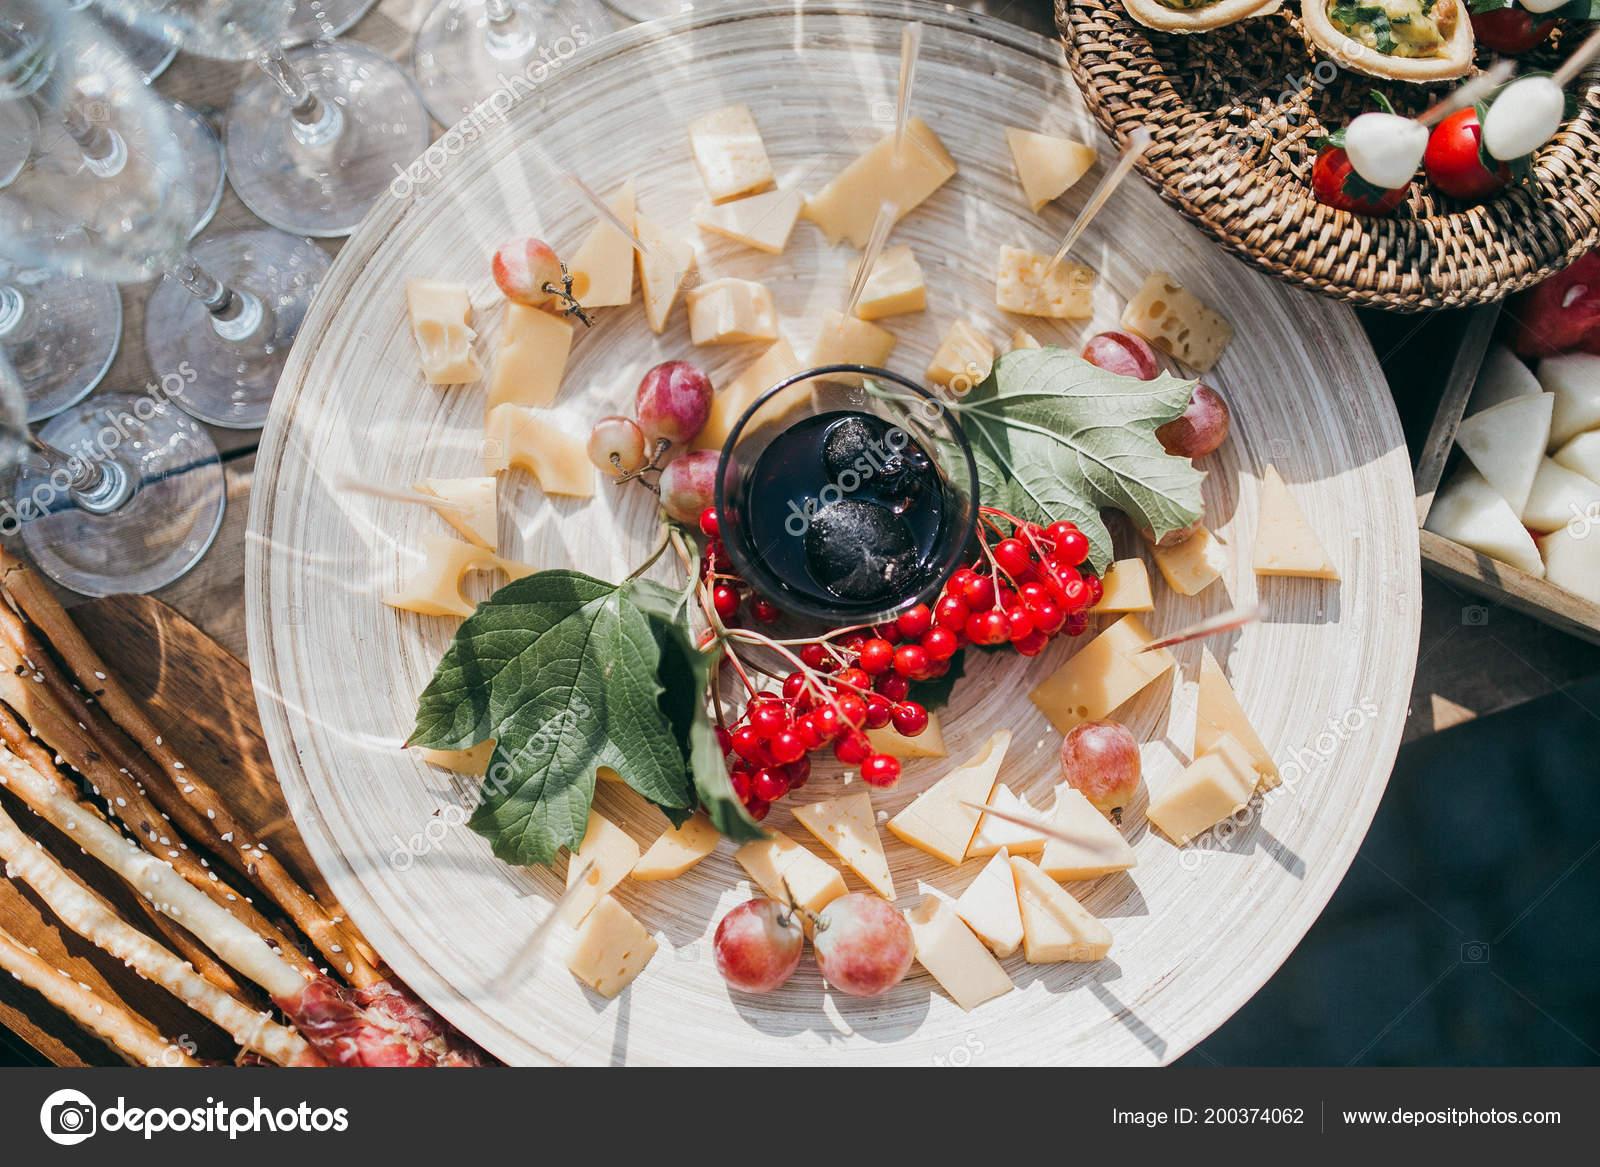 Delicious snacks at wedding reception, close up